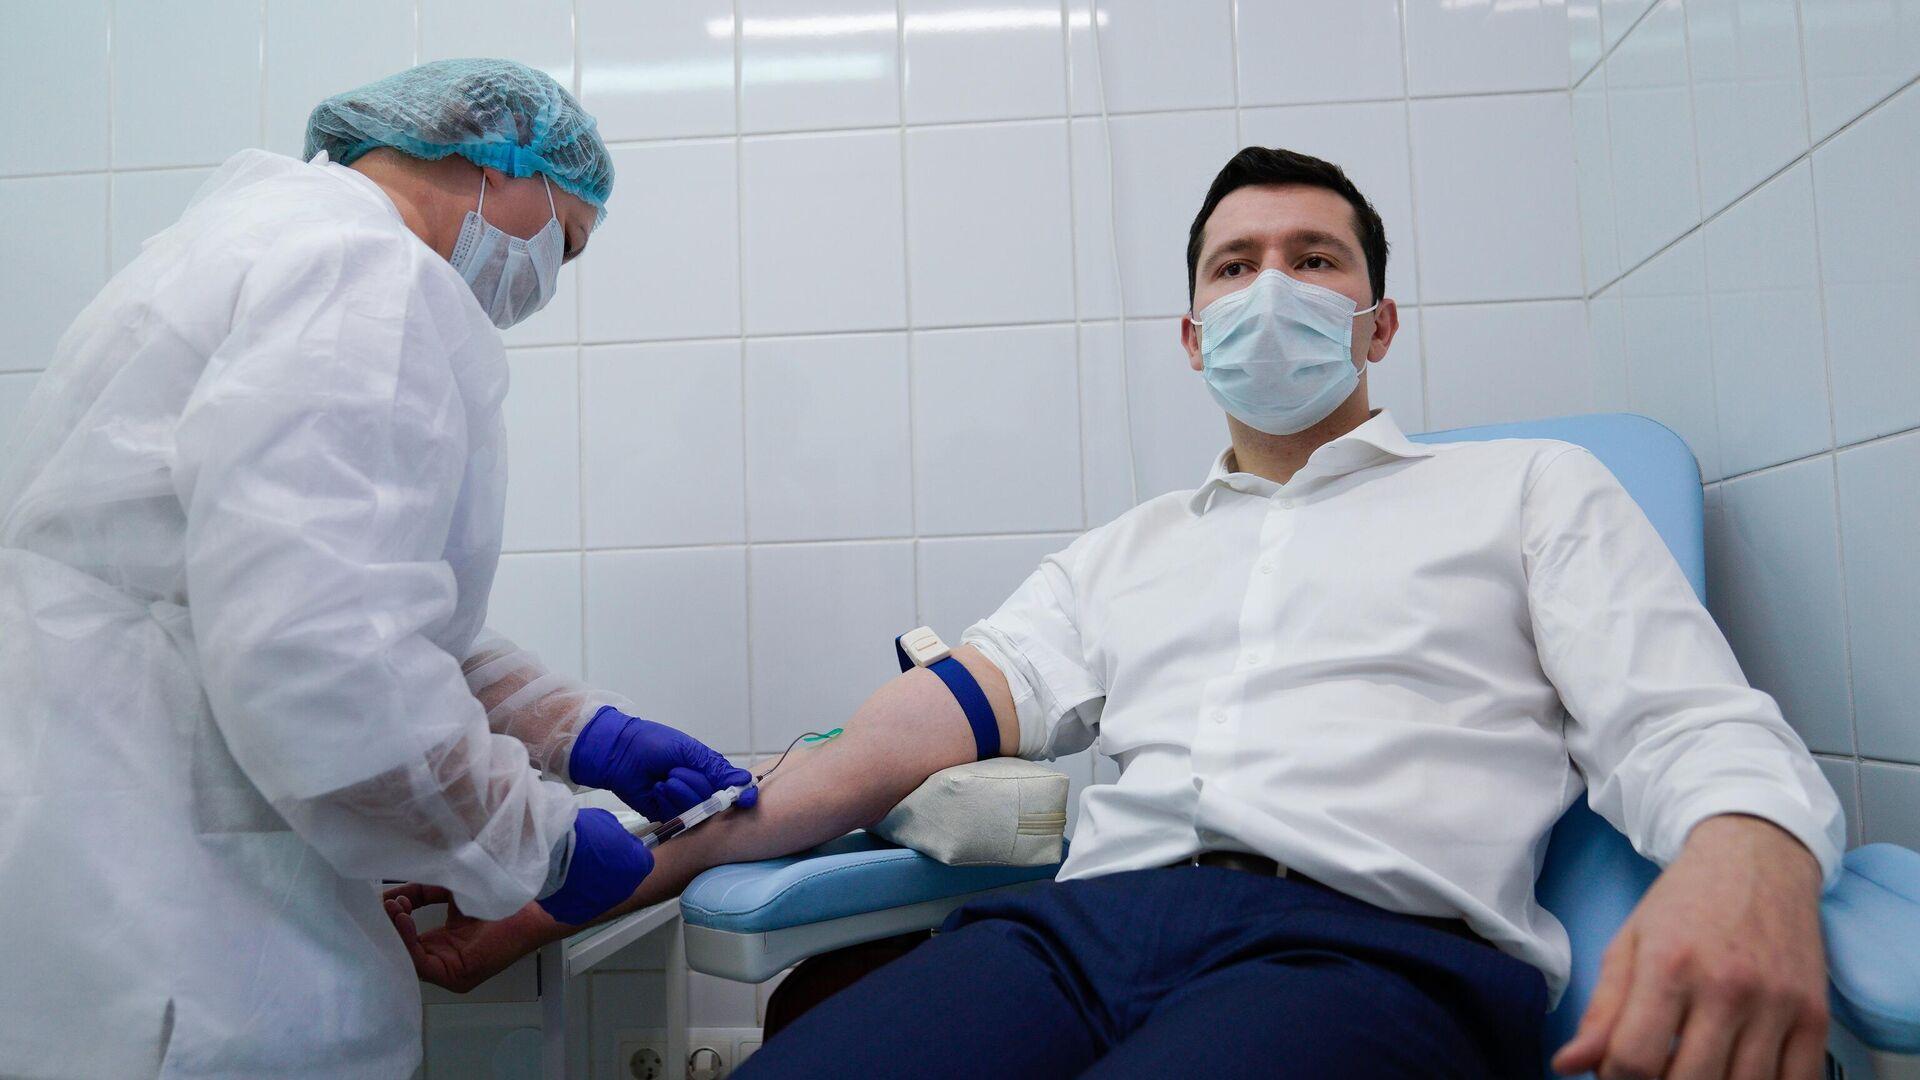 Губернатор Калининградской области Антон Алиханов сдает кровь перед вакцинацией от коронавируса в Калининграде - РИА Новости, 1920, 04.12.2020